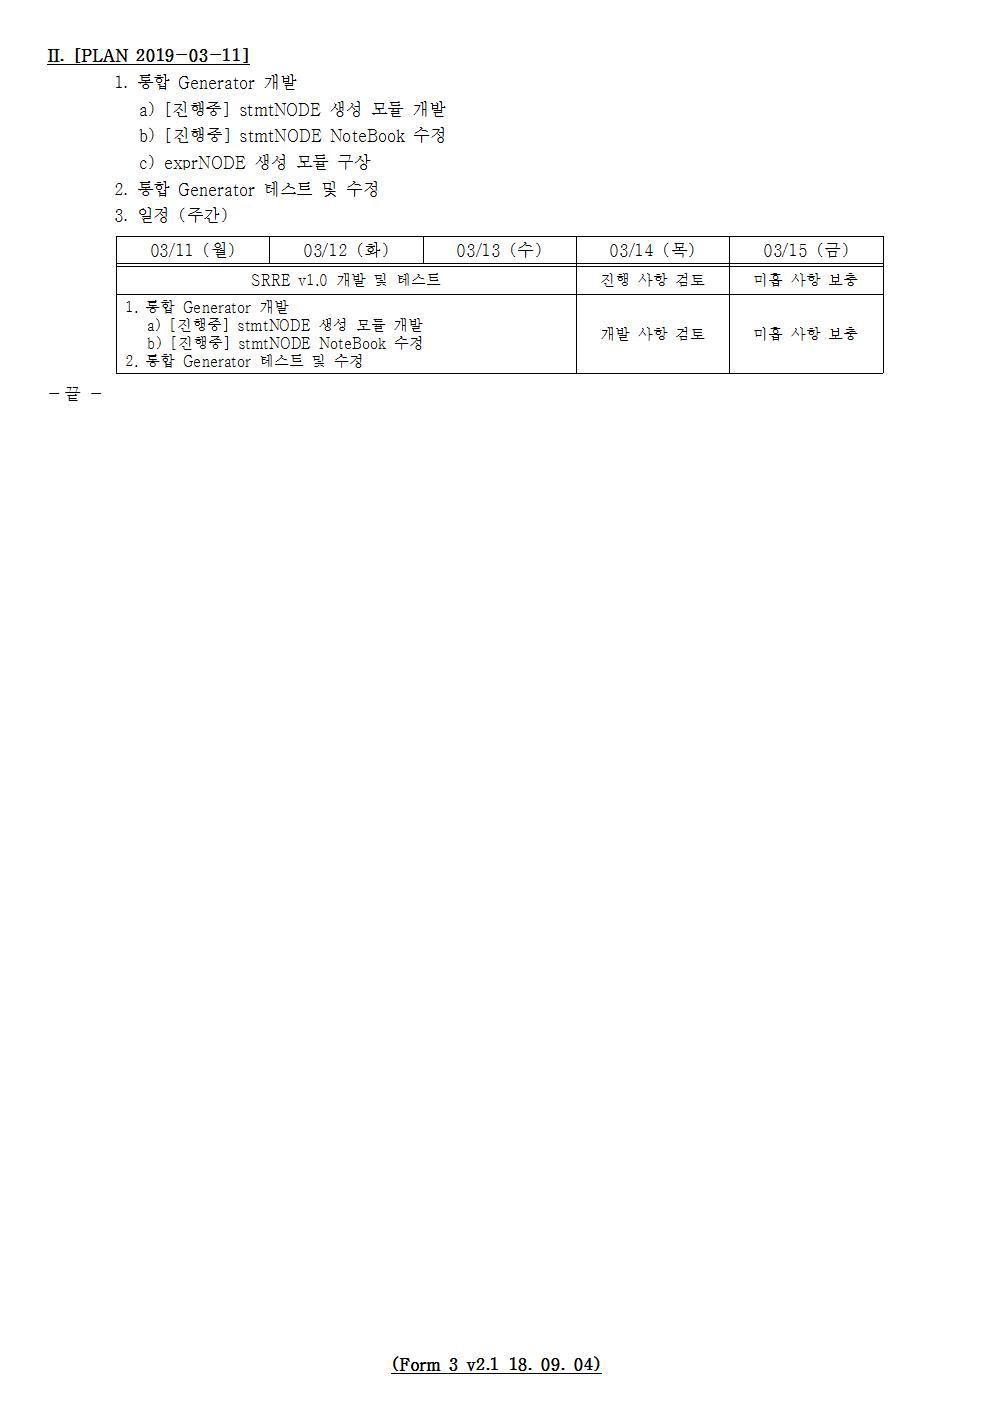 D-[19-003-RD-03]-[Tool-SRRE-1.X]-[2019-03-11][JS]002.jpg